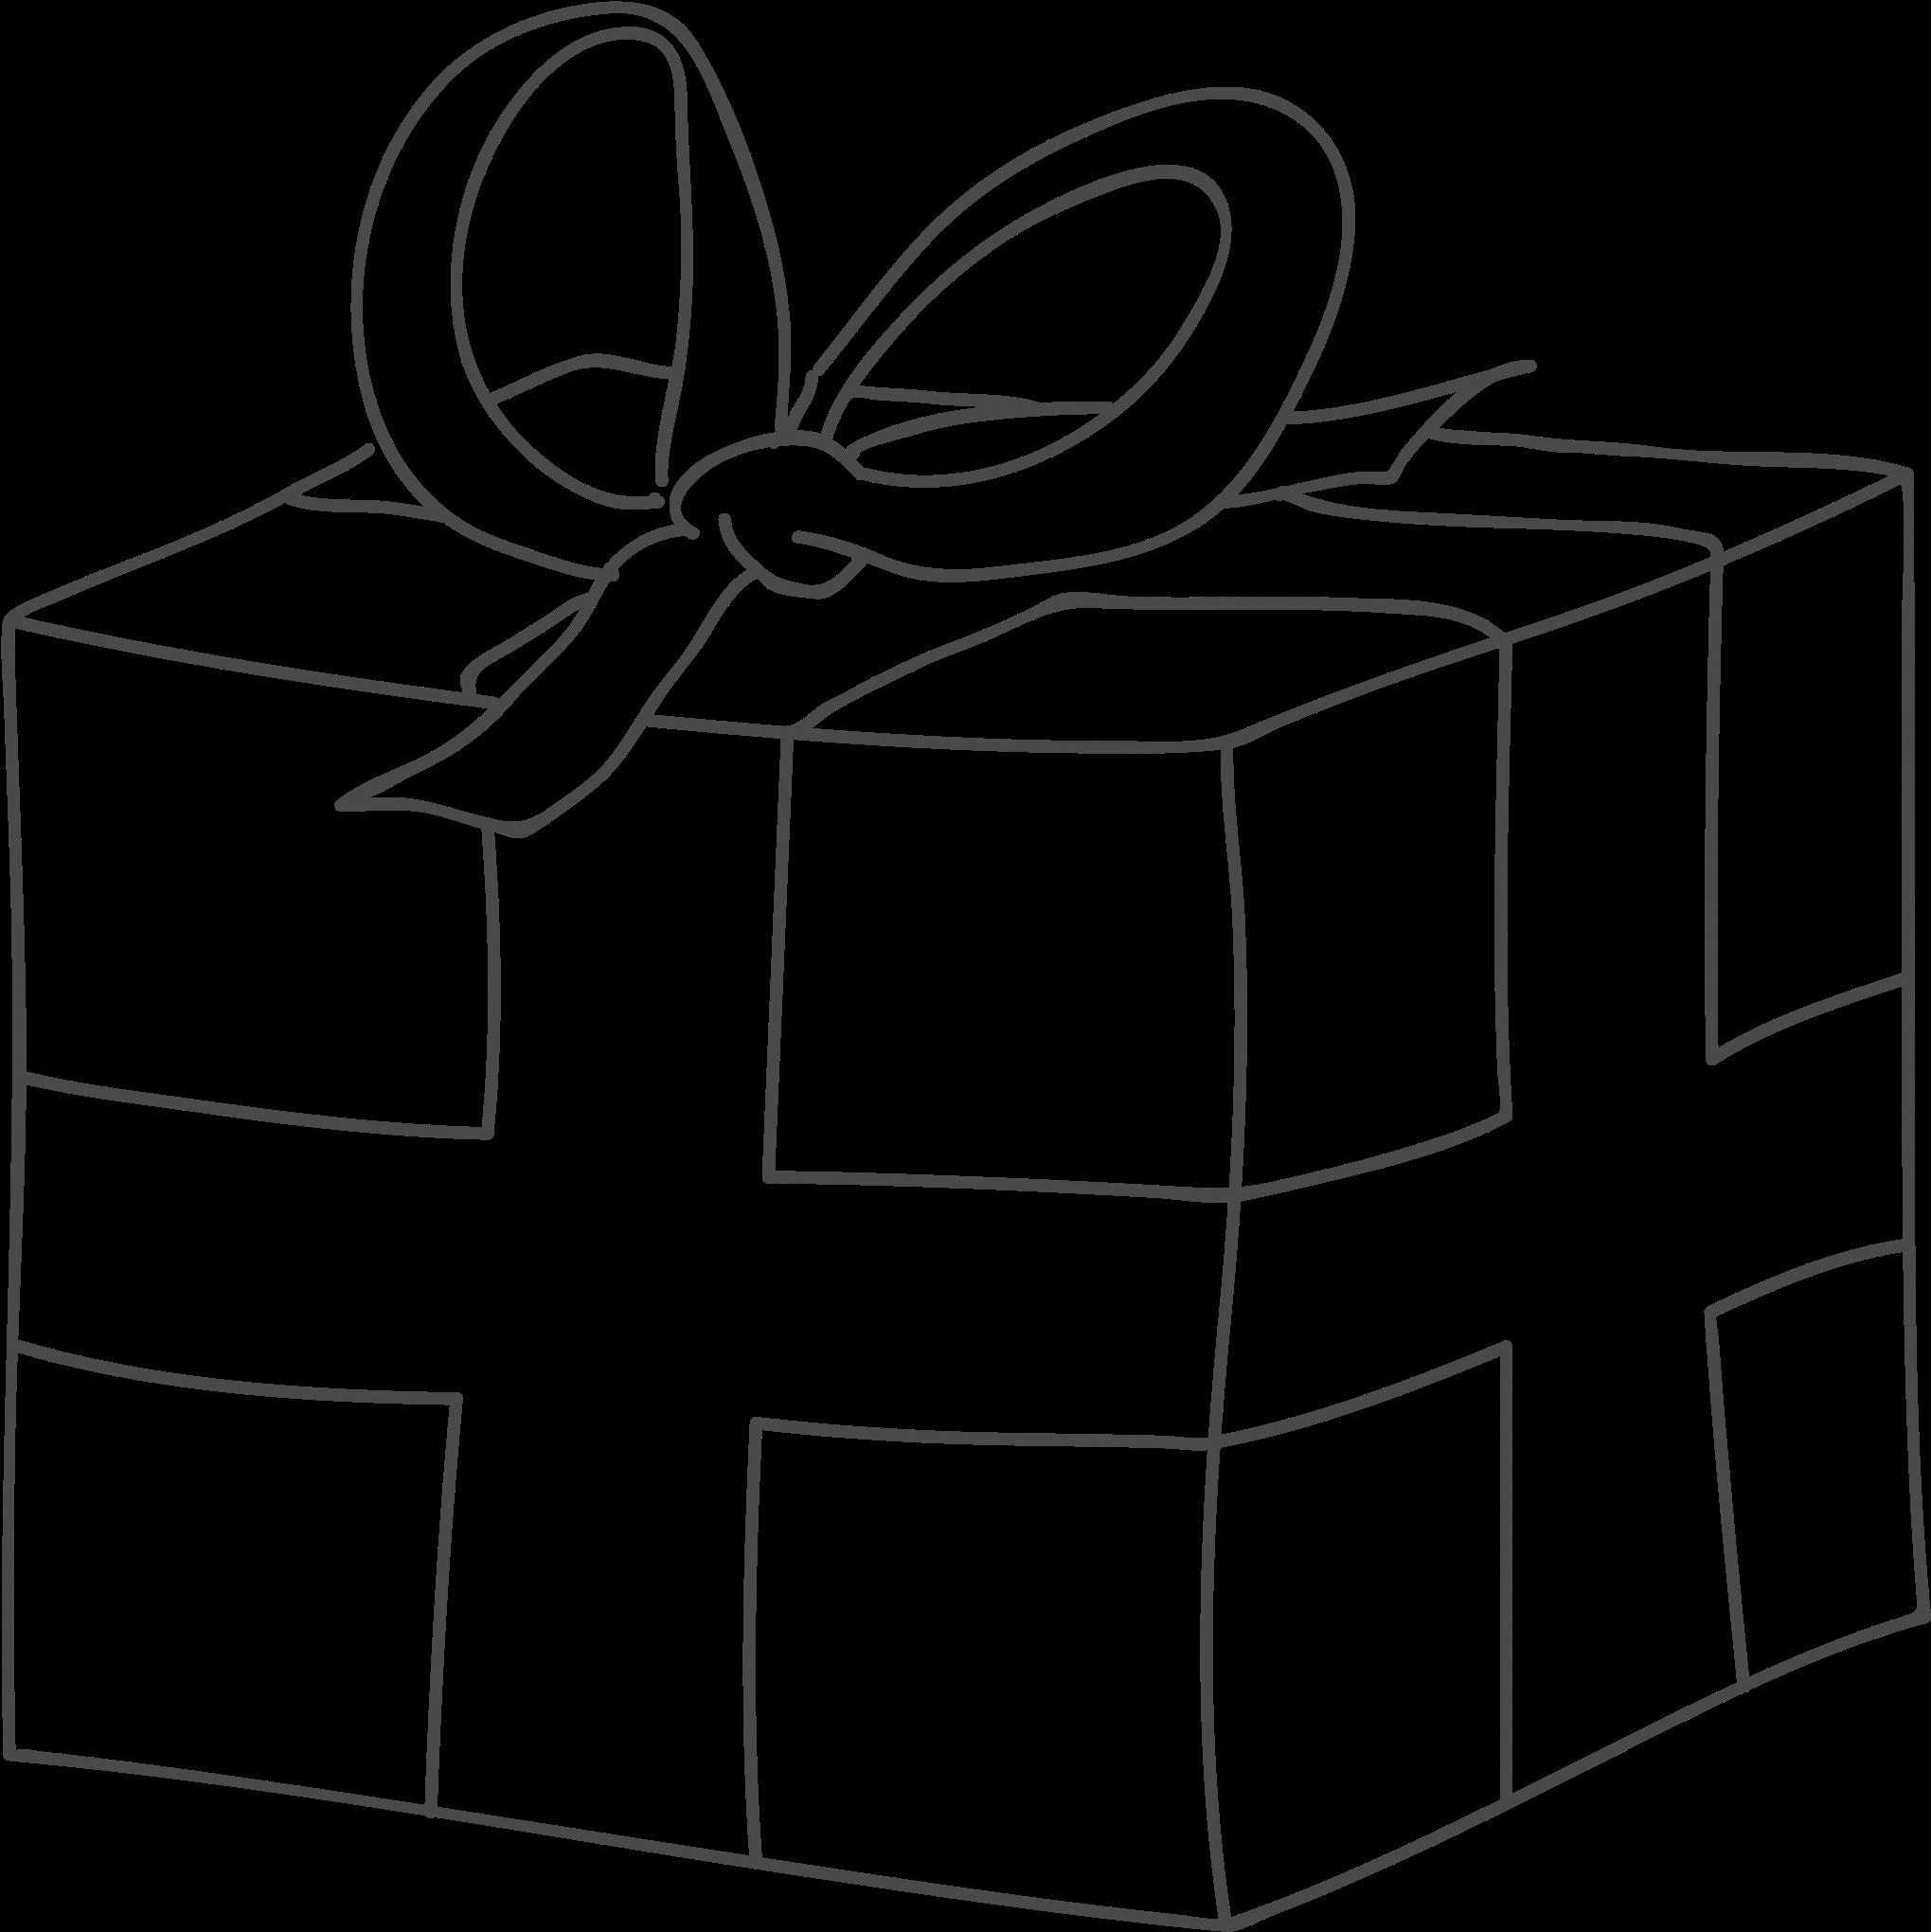 Ausmalbilder Weihnachten Geschenke.Gift Ausmalbild Weihnachten Geschenke 2040x2046 Png